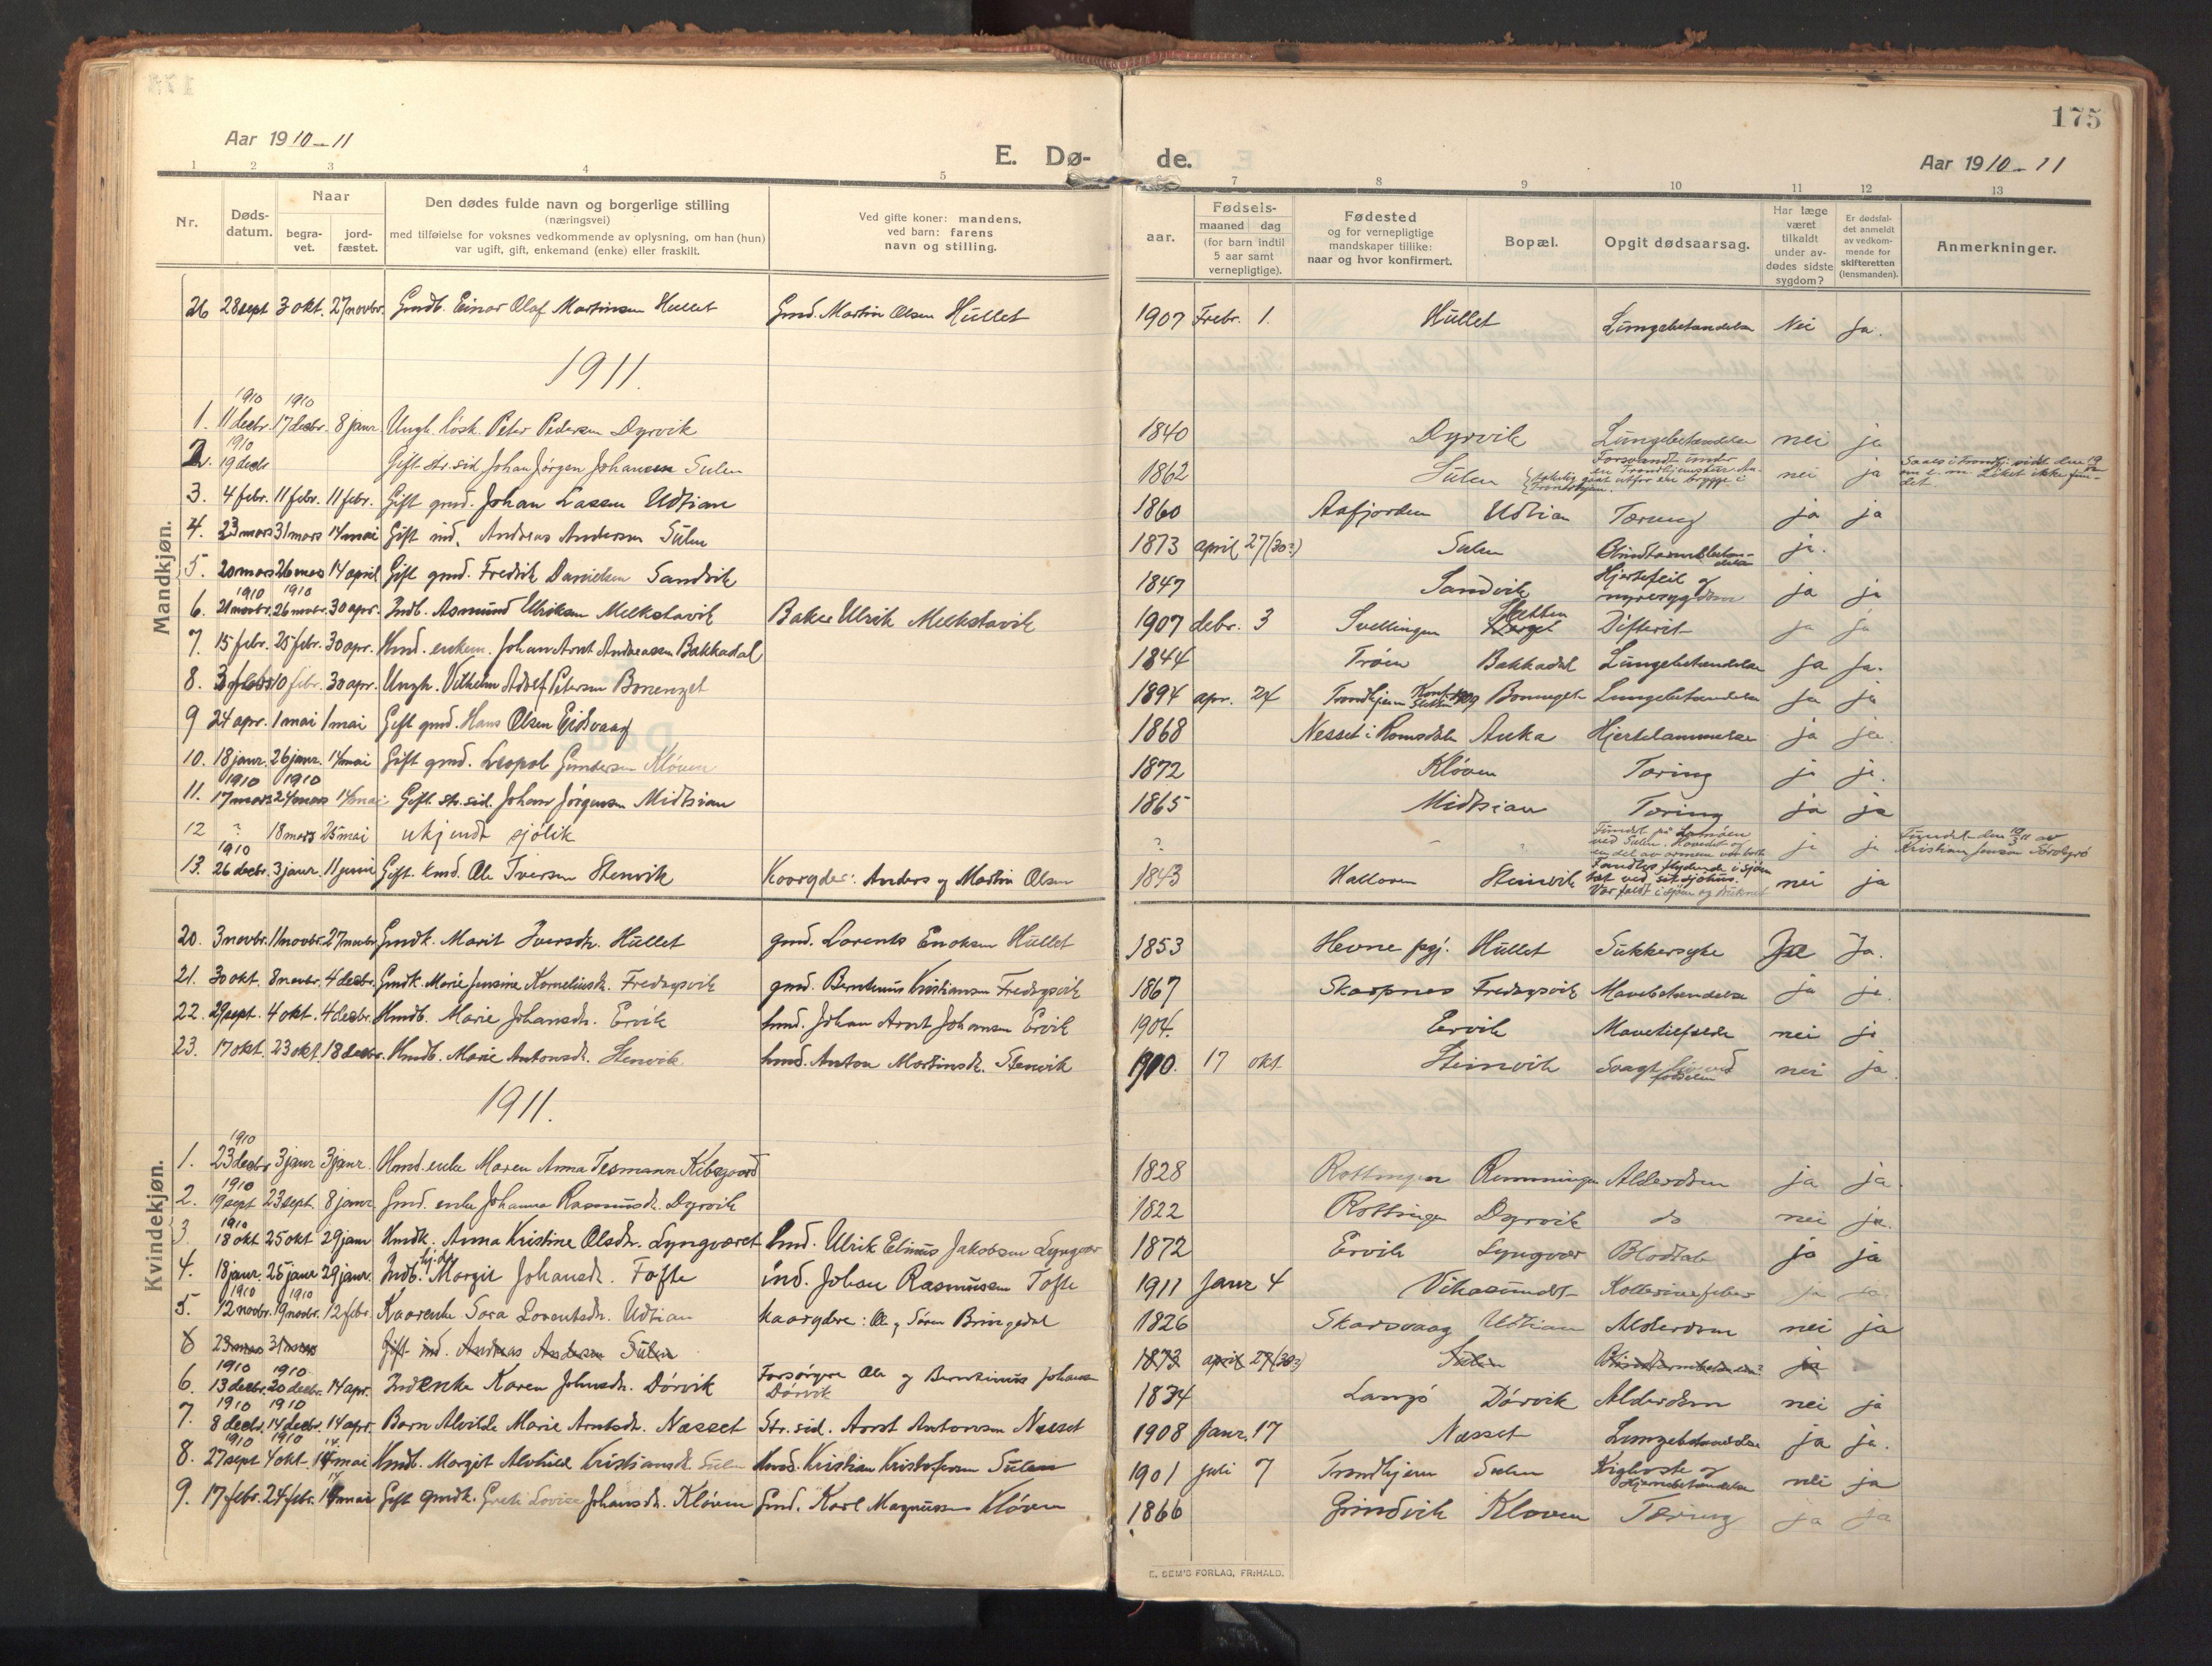 SAT, Ministerialprotokoller, klokkerbøker og fødselsregistre - Sør-Trøndelag, 640/L0581: Ministerialbok nr. 640A06, 1910-1924, s. 175